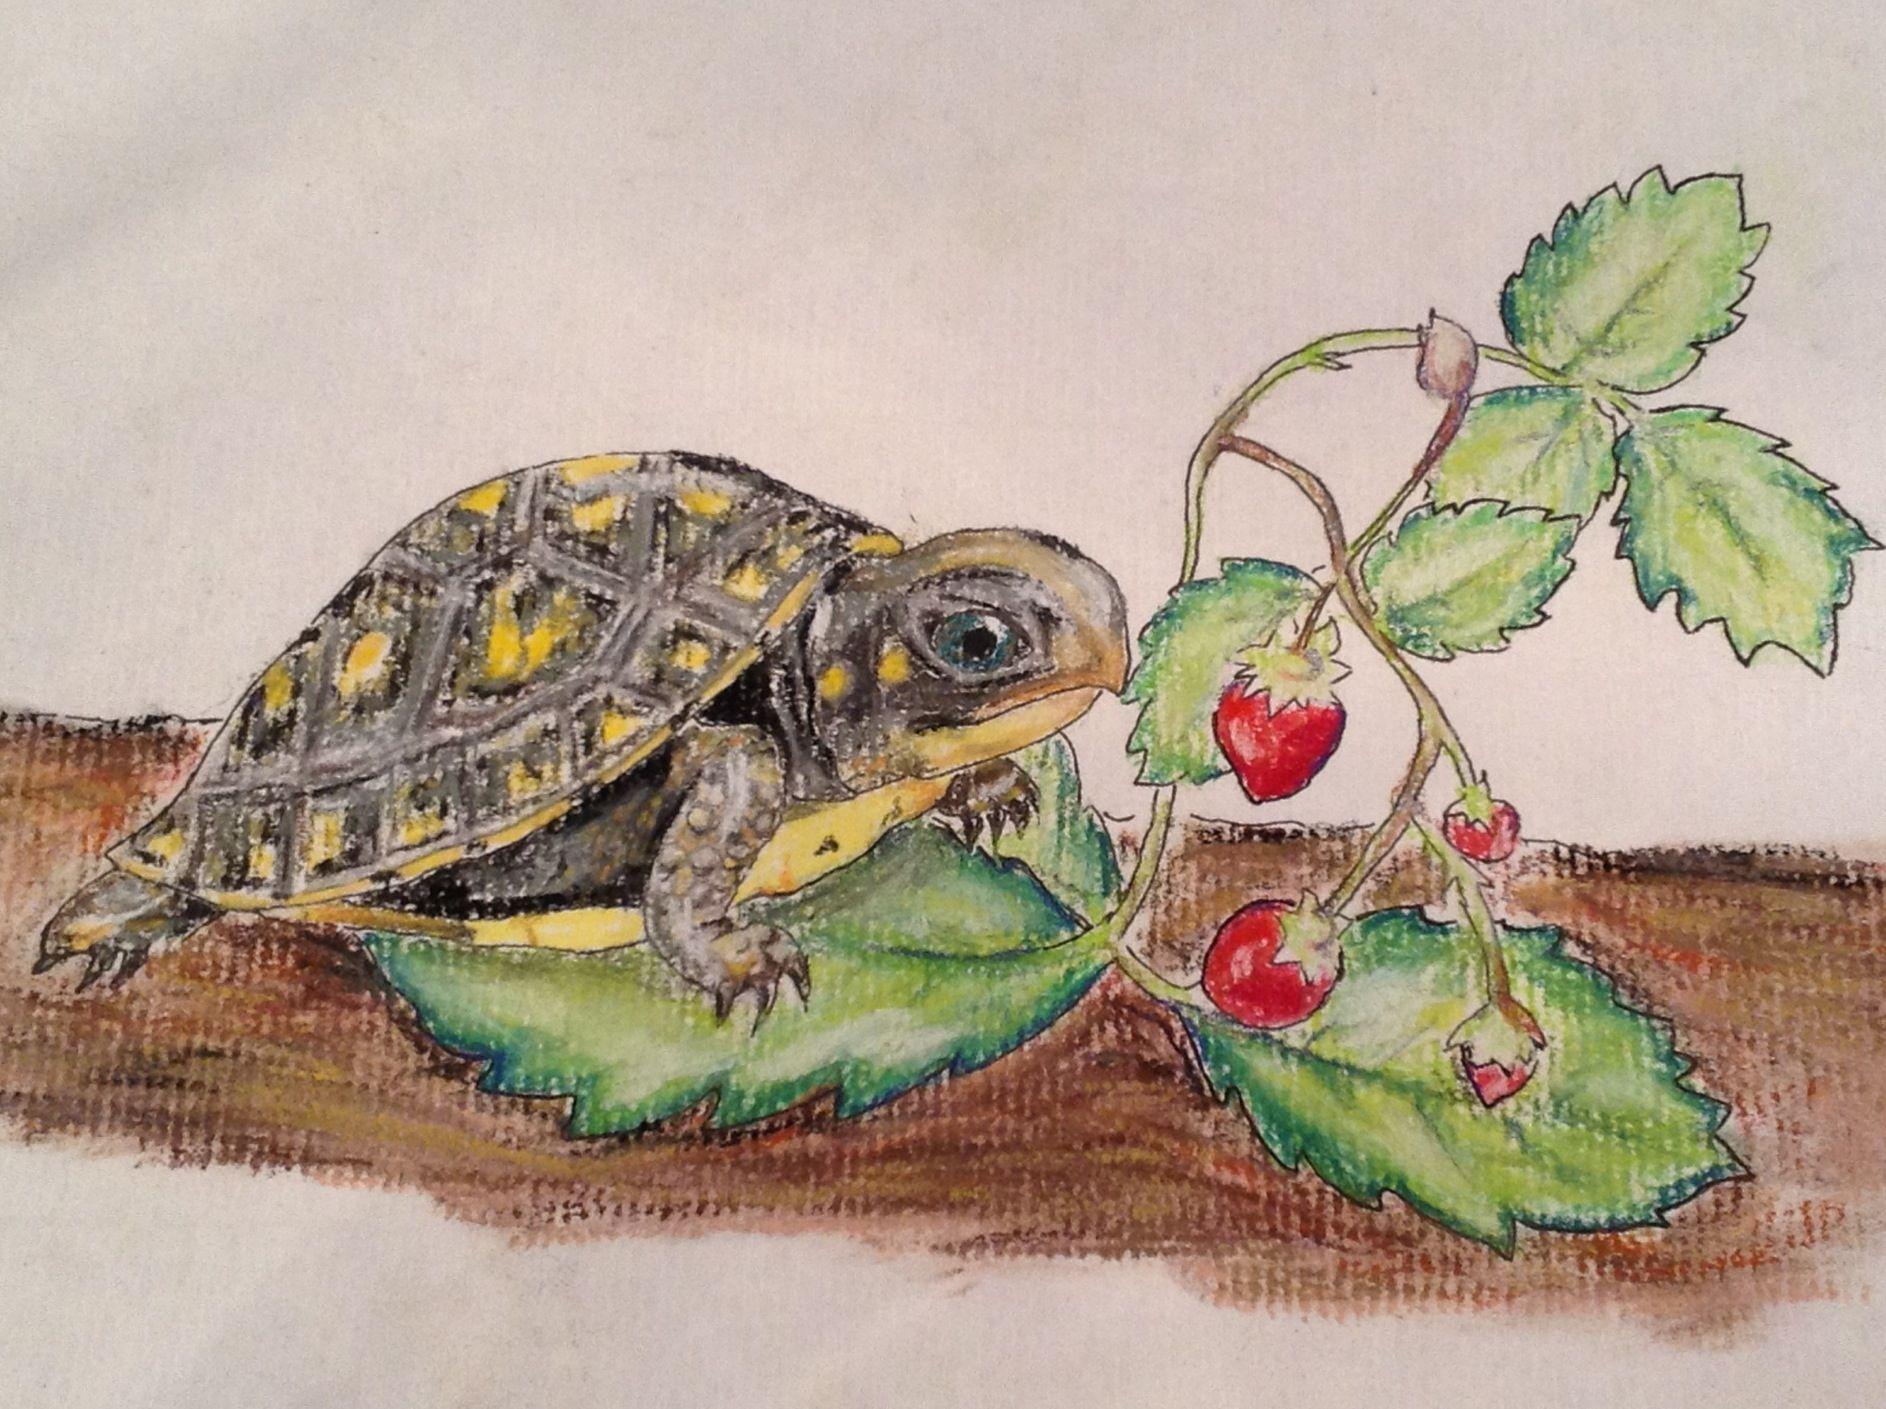 Turtles of wisconsin